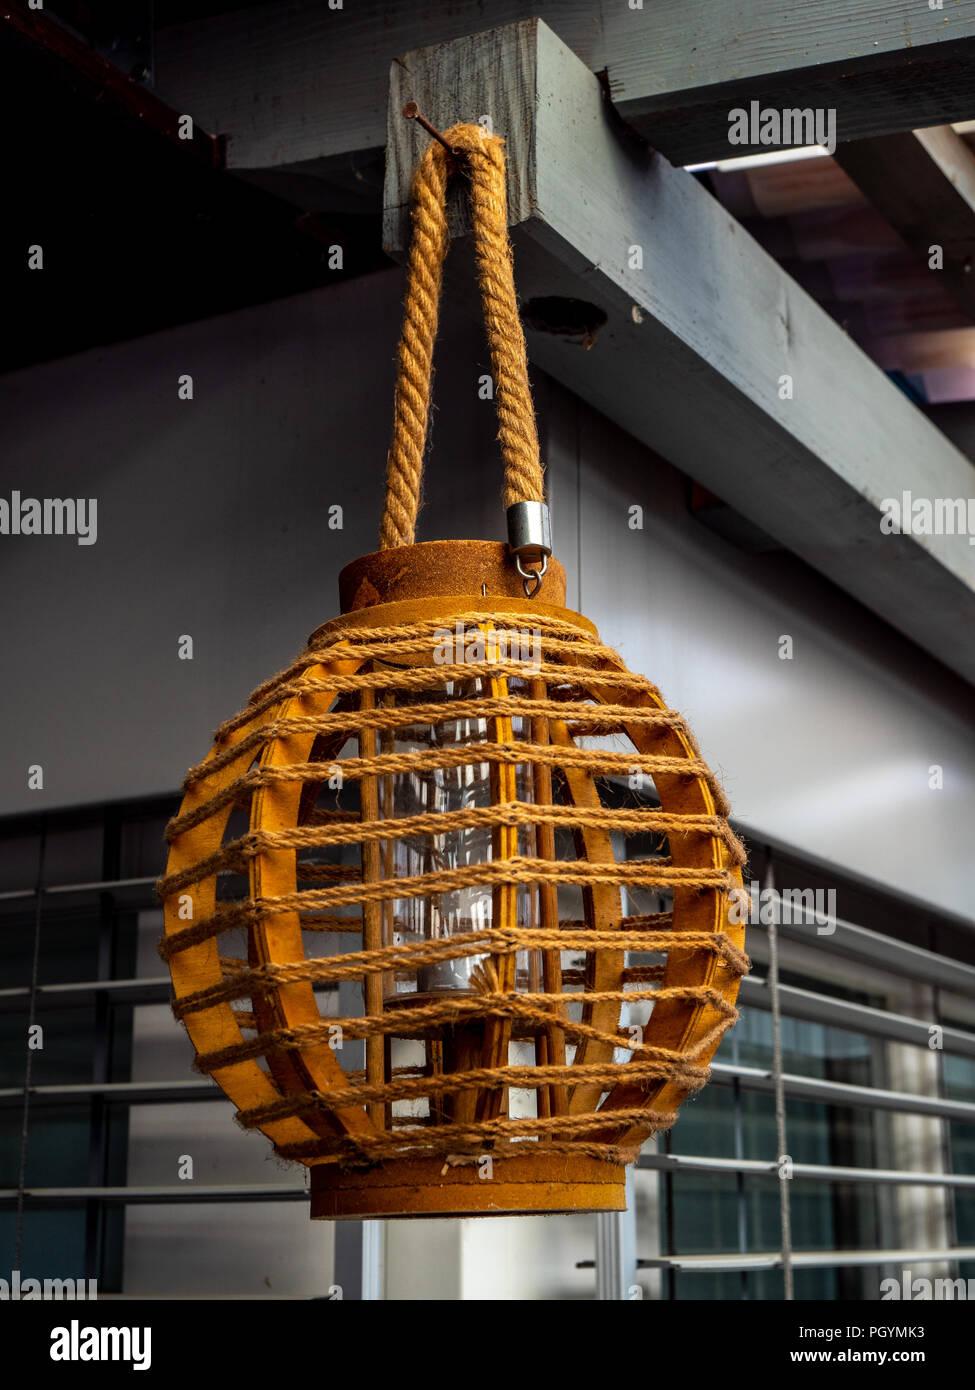 Gut gemocht Cool Aussenleuchte vom Dach hängend Holz Stockfoto, Bild VR35